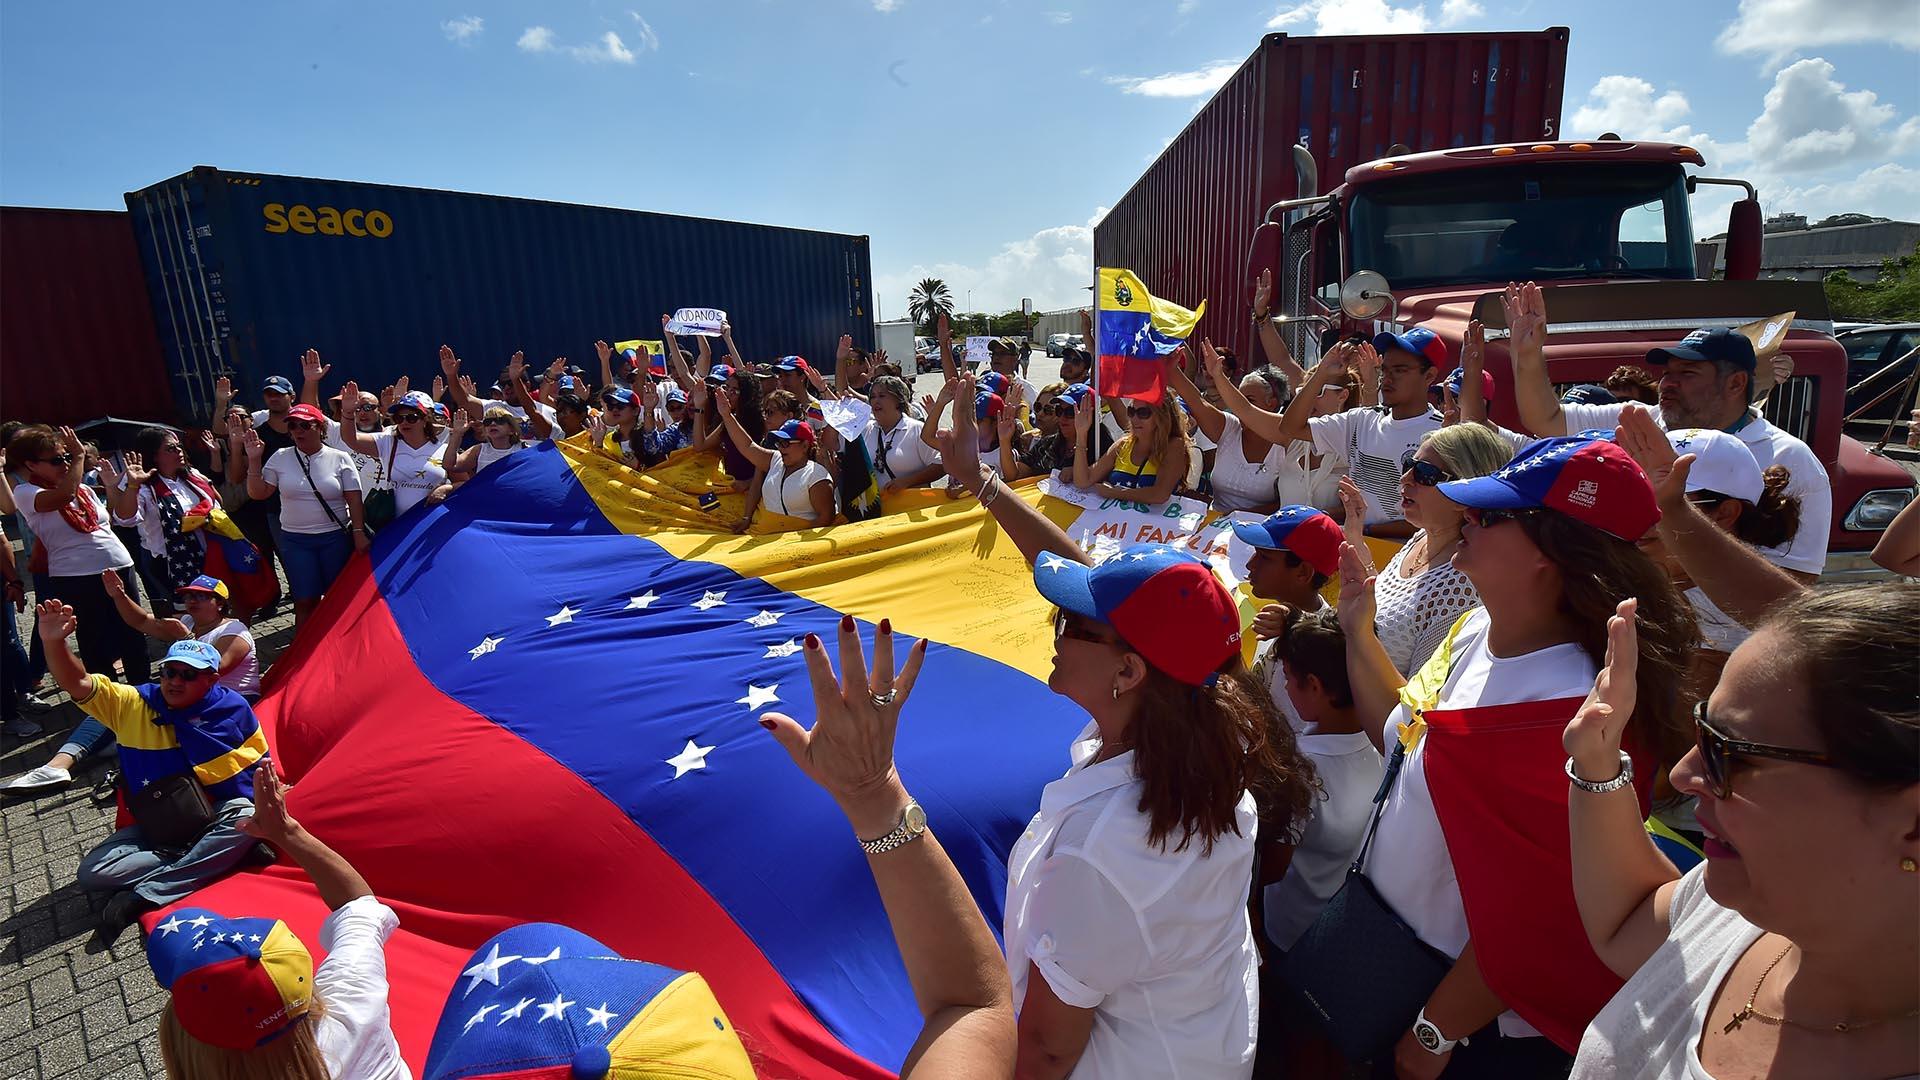 Los simpatizantes del líder opositor venezolano, Juan Guaidó, sostienen banderas y señales que respaldan la ayuda humanitaria en el puerto de Willemstad, Curazao, Antillas Holandesas (AFP)